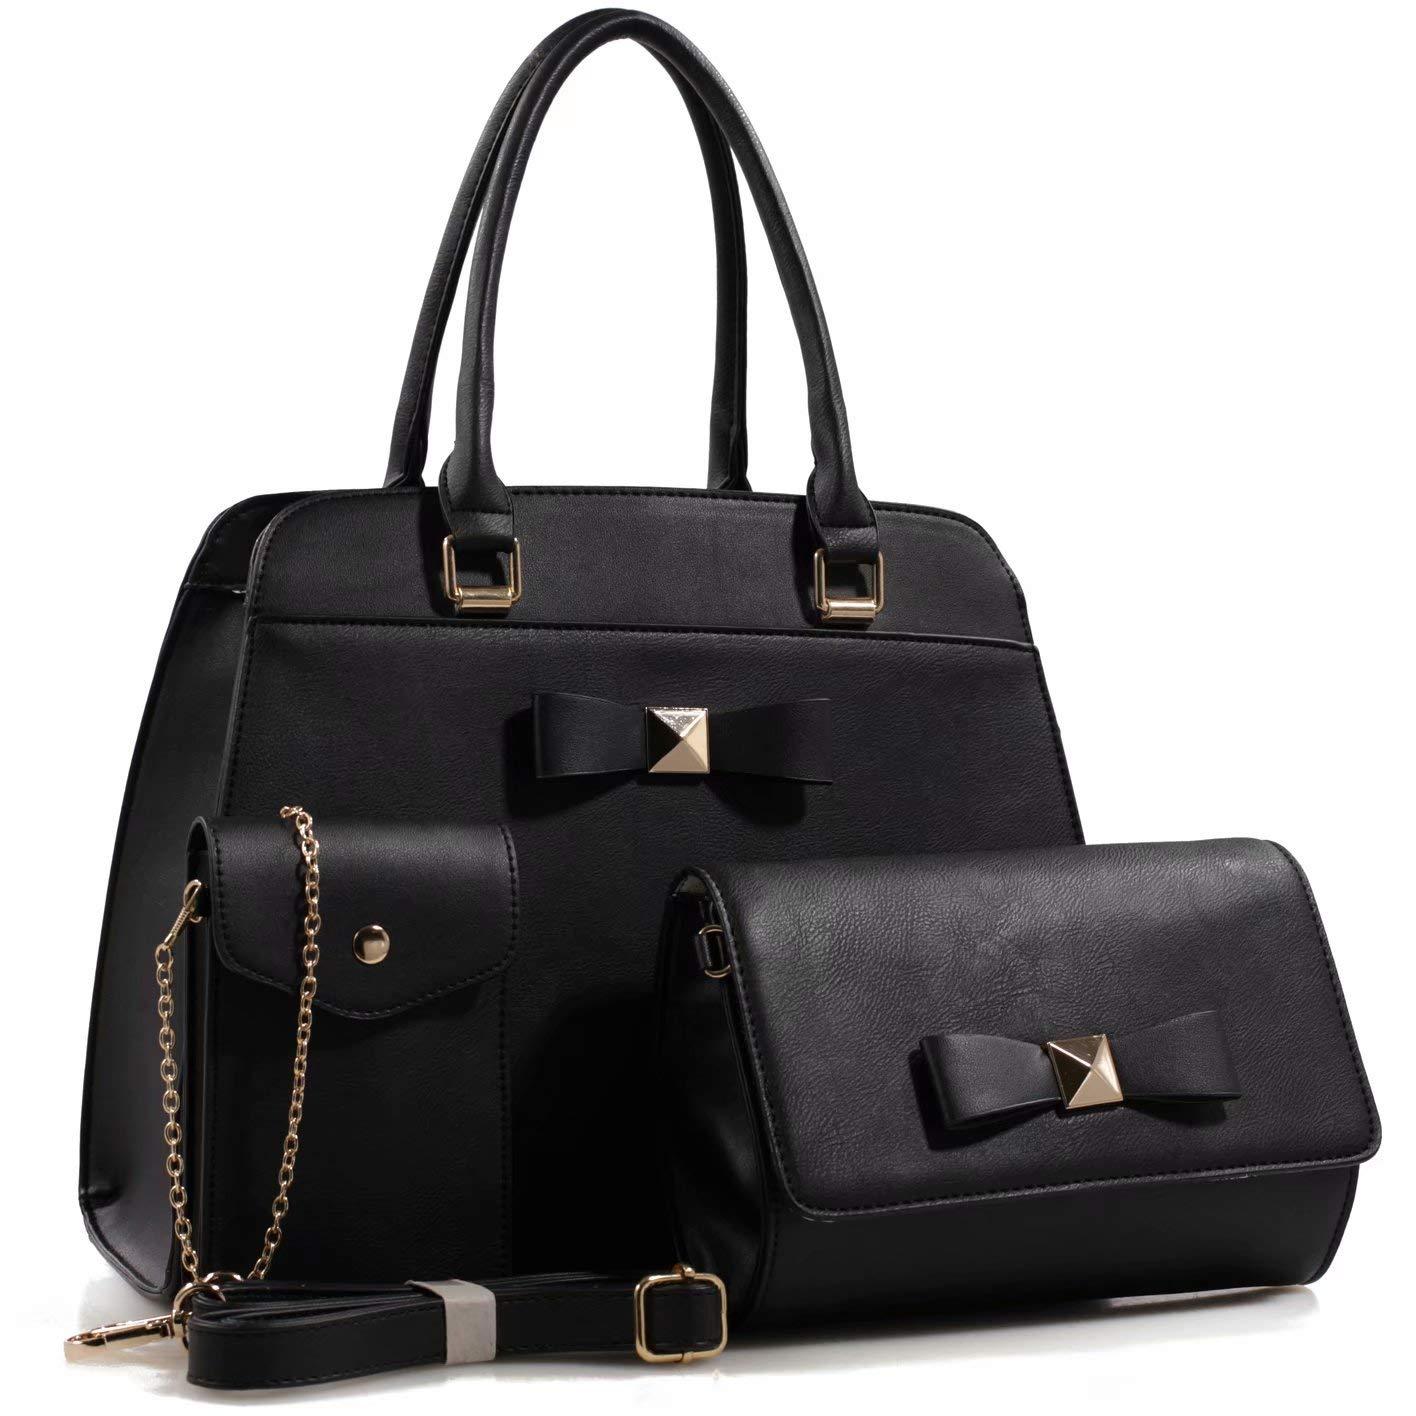 3 Set Linden Crossbody Cellphone Pouch Shoulder Bag Handbag 3 Set Black Vegan Leather Top Handle Tote Handbag Shoulder Bag Wallet Purse